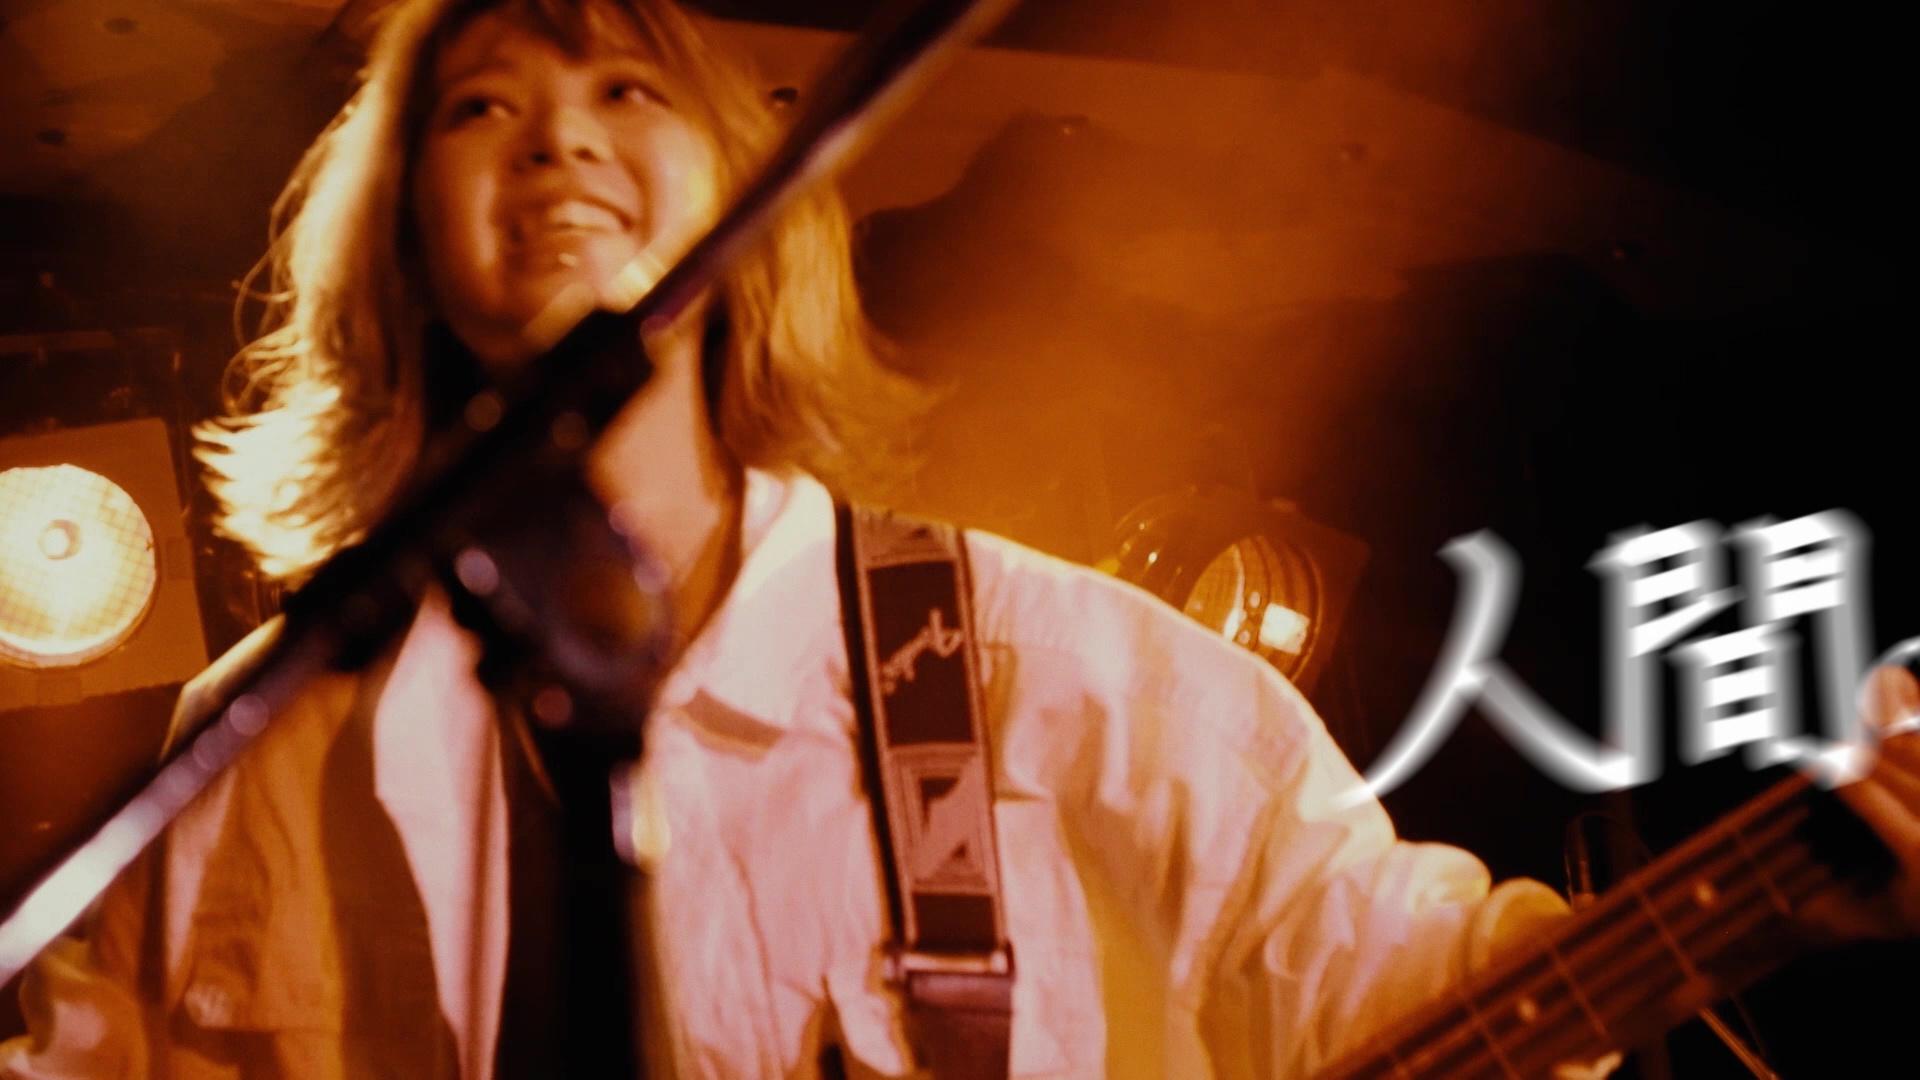 RMMS-BRATS-Kimarigoto-Live-MV-4